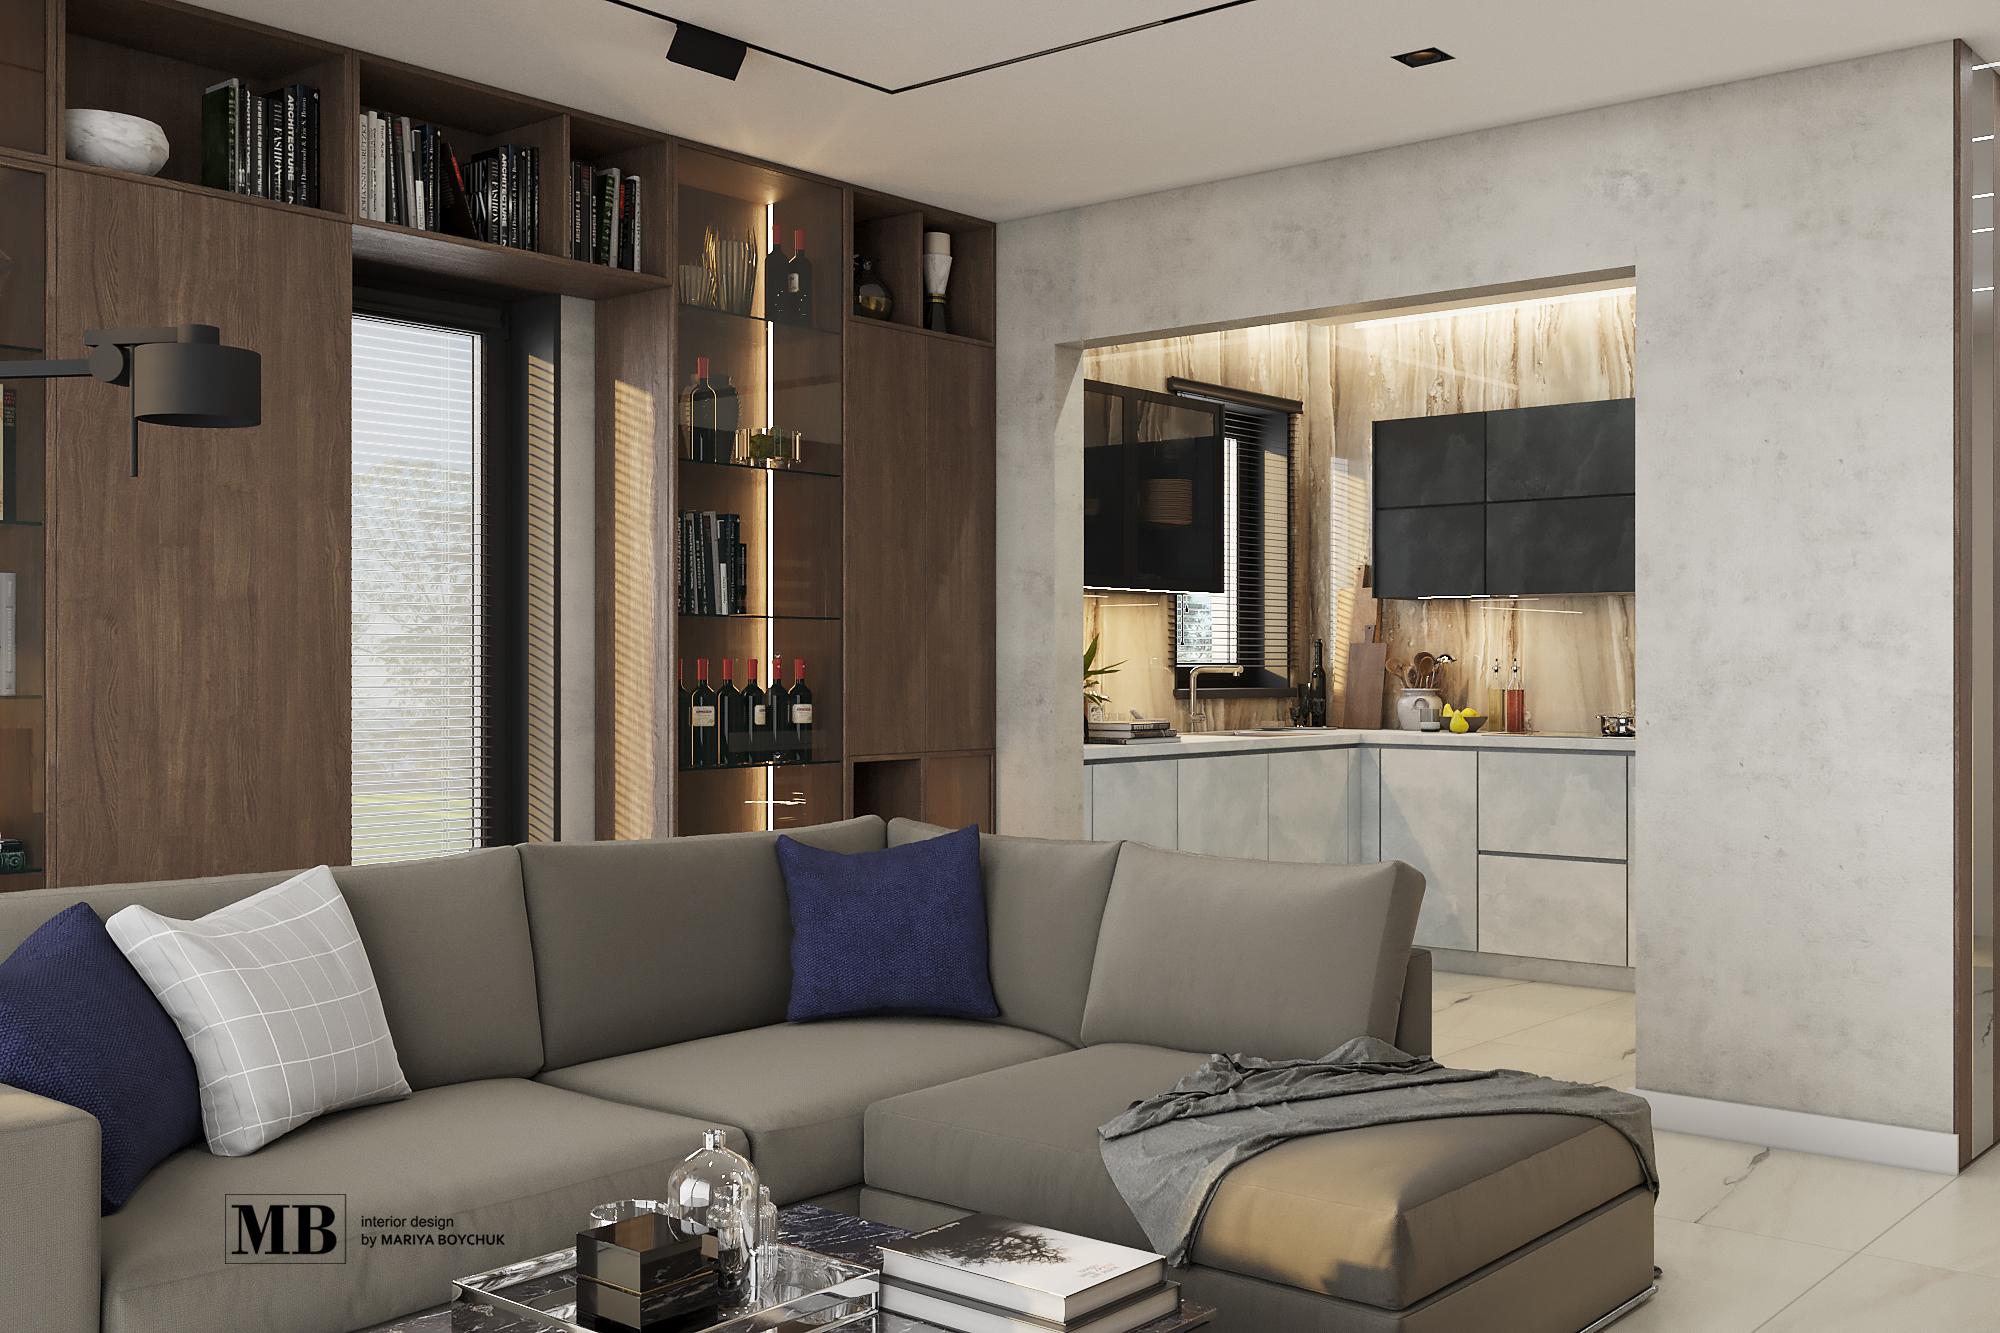 современный дизайн интерьера дома Калининградсовременный дизайн интерьера дома Калининград